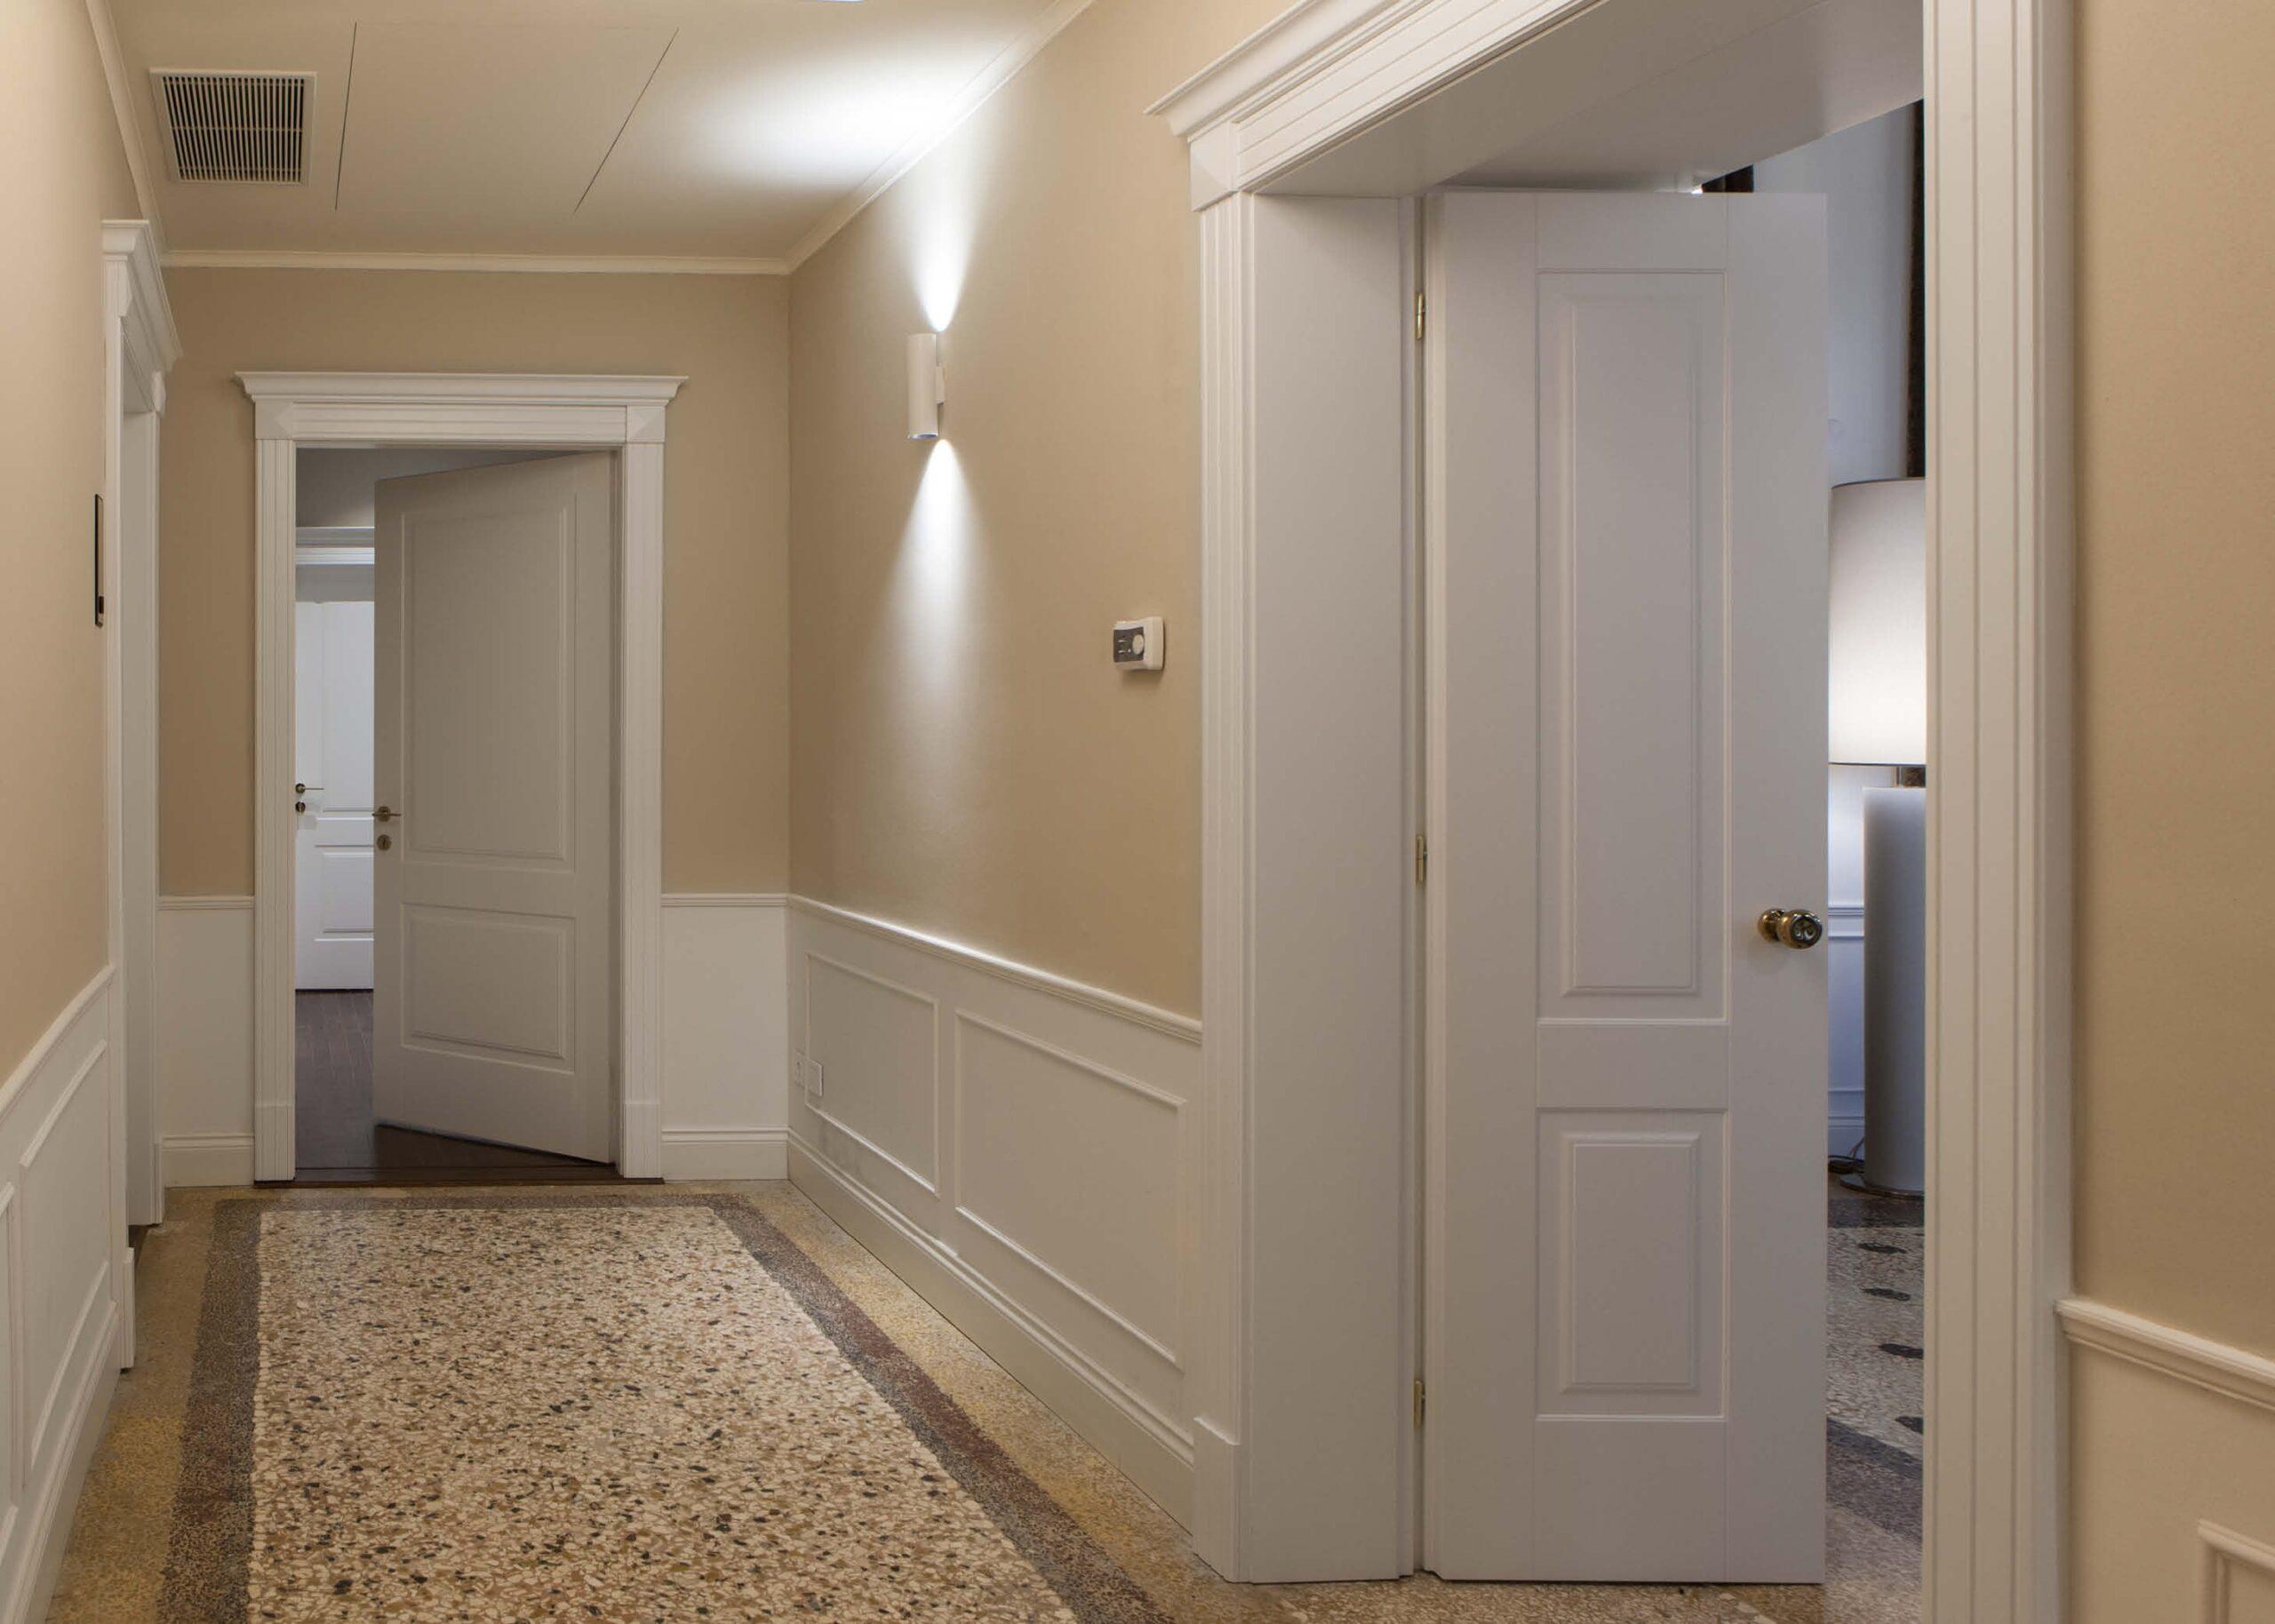 https://www.gd-dorigo.com/wp-content/uploads/2020/10/Porte-Hotel-Villa-Soligo-GD-Dorigo-5-1280x914.jpg